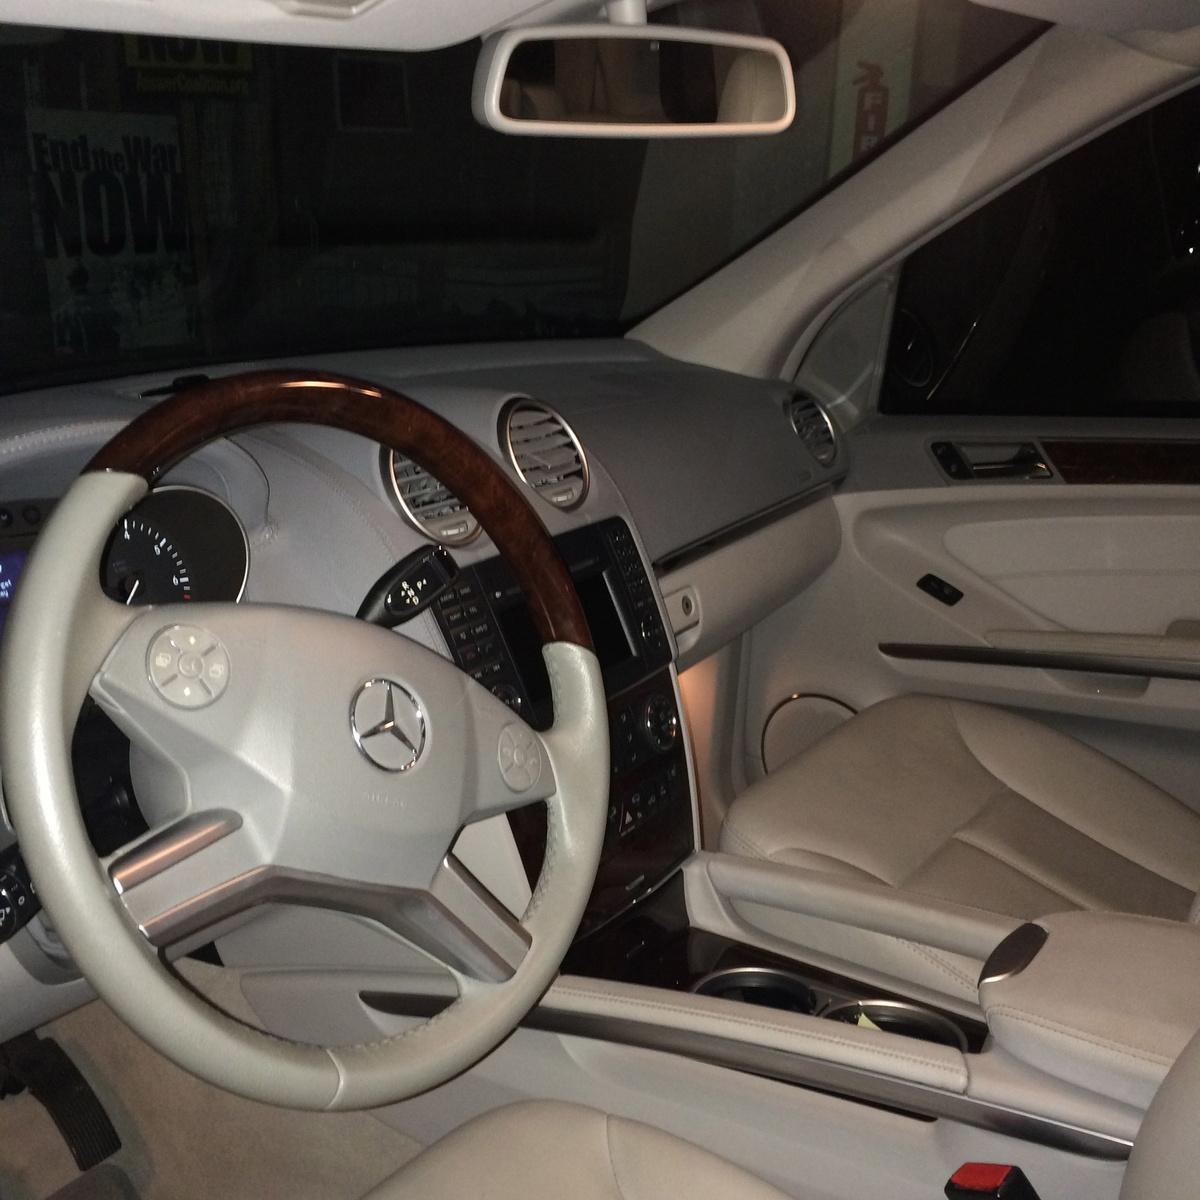 2007 Mercedes Benz Gl Class Exterior: 2009 Mercedes-Benz GL-Class